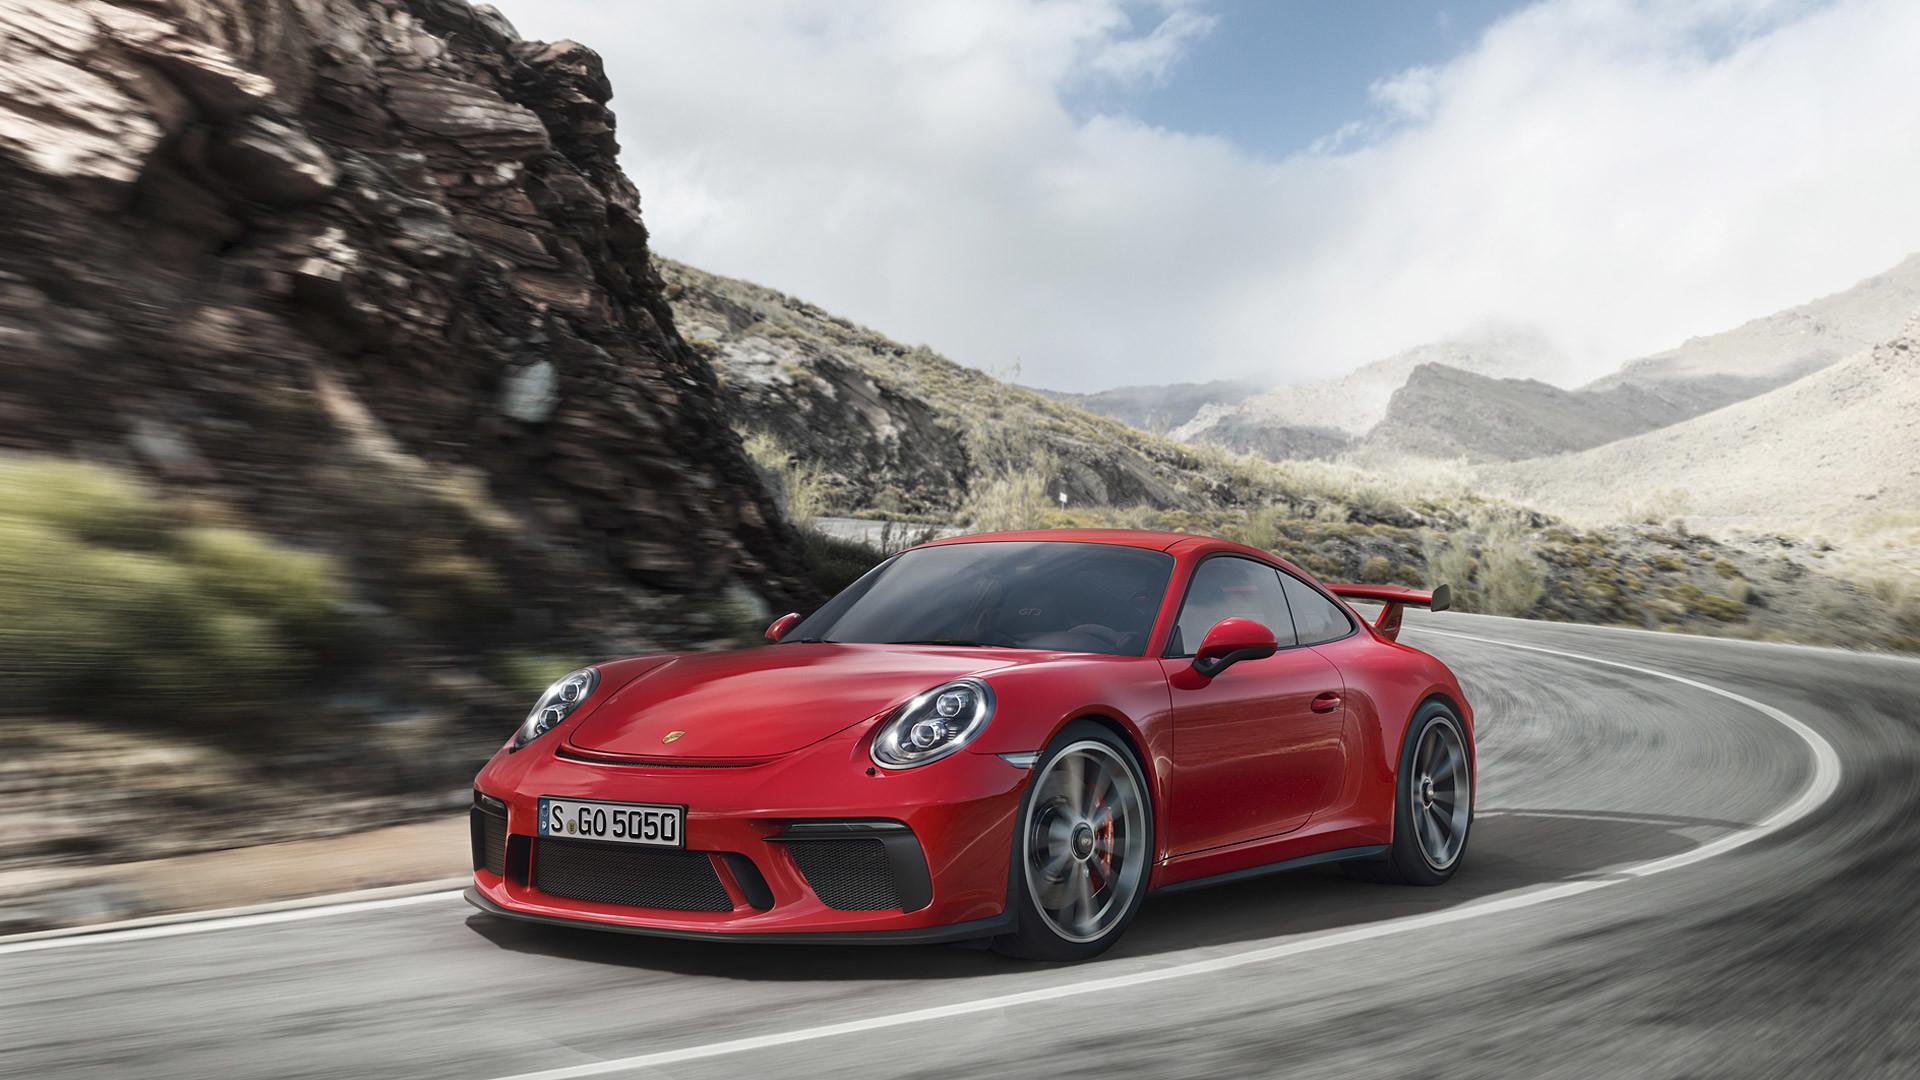 1920x1080 2018 Porsche 911 GT3 Picture